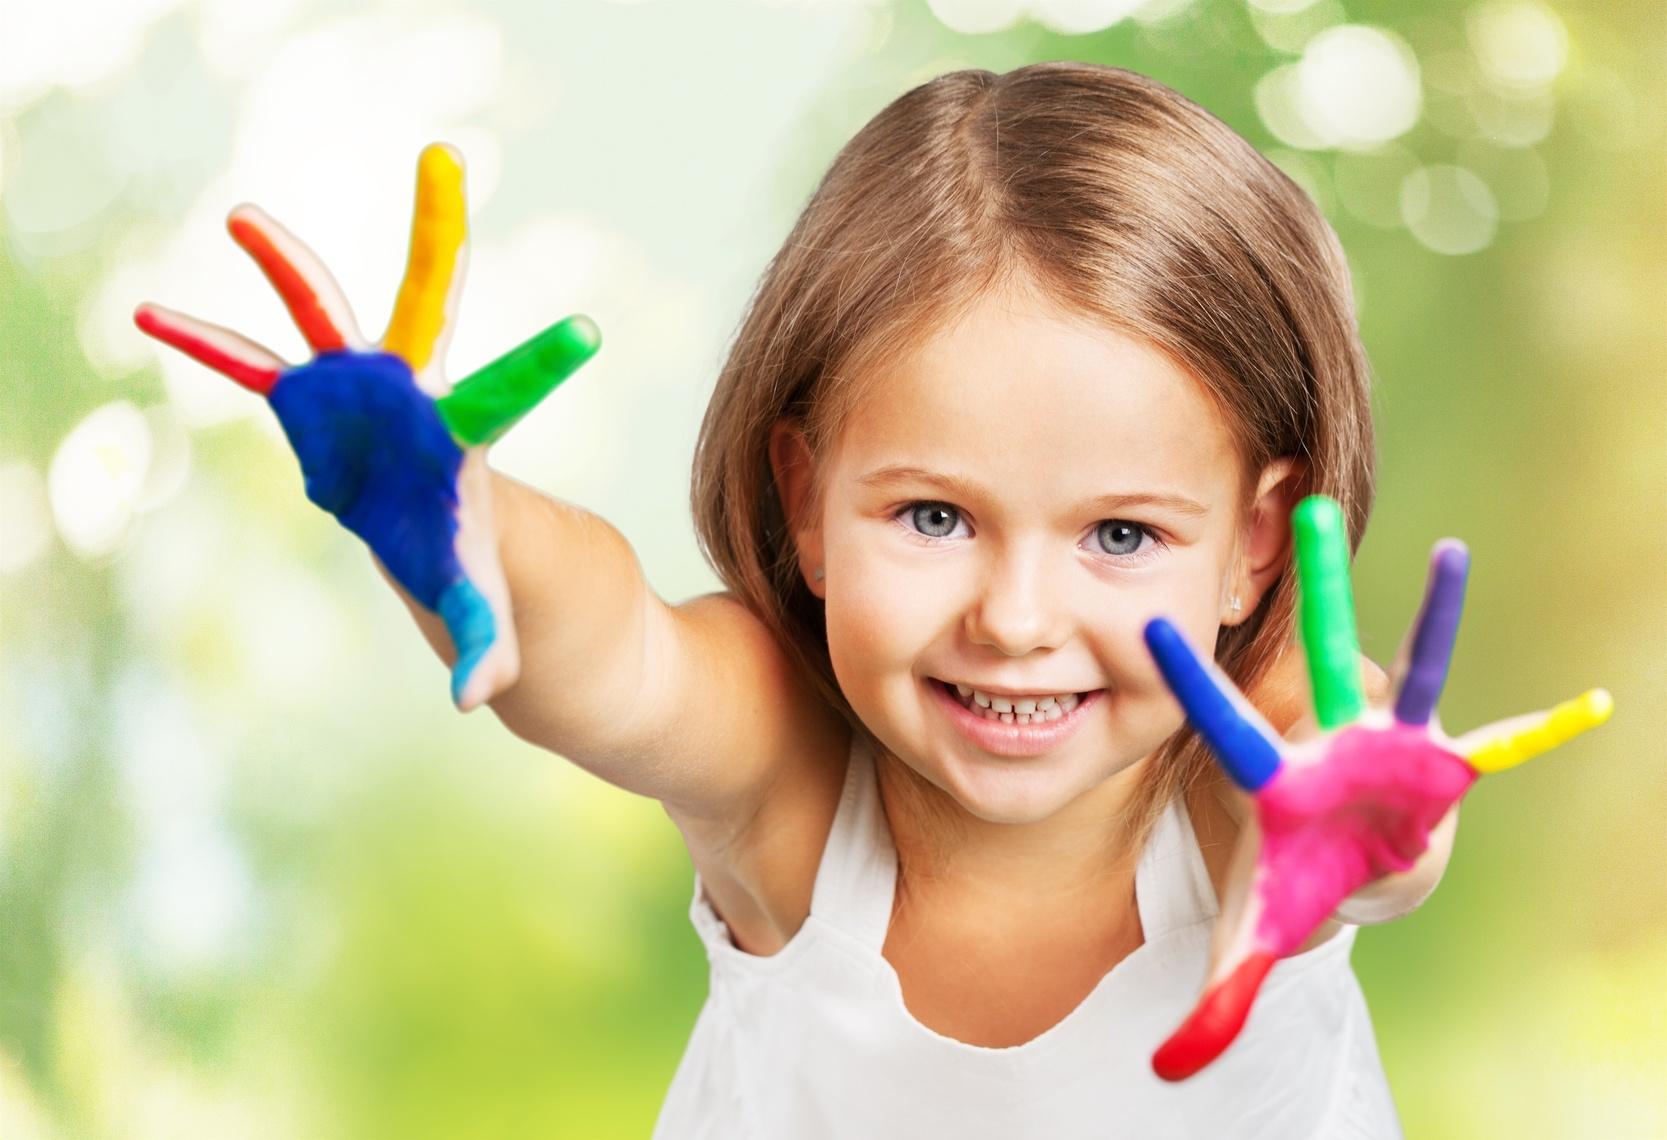 11 Jeux Pour Les Enfants De Moins De 3 Ans | Redcross-Edu encequiconcerne Jeux Pour Enfant De 3 Ans